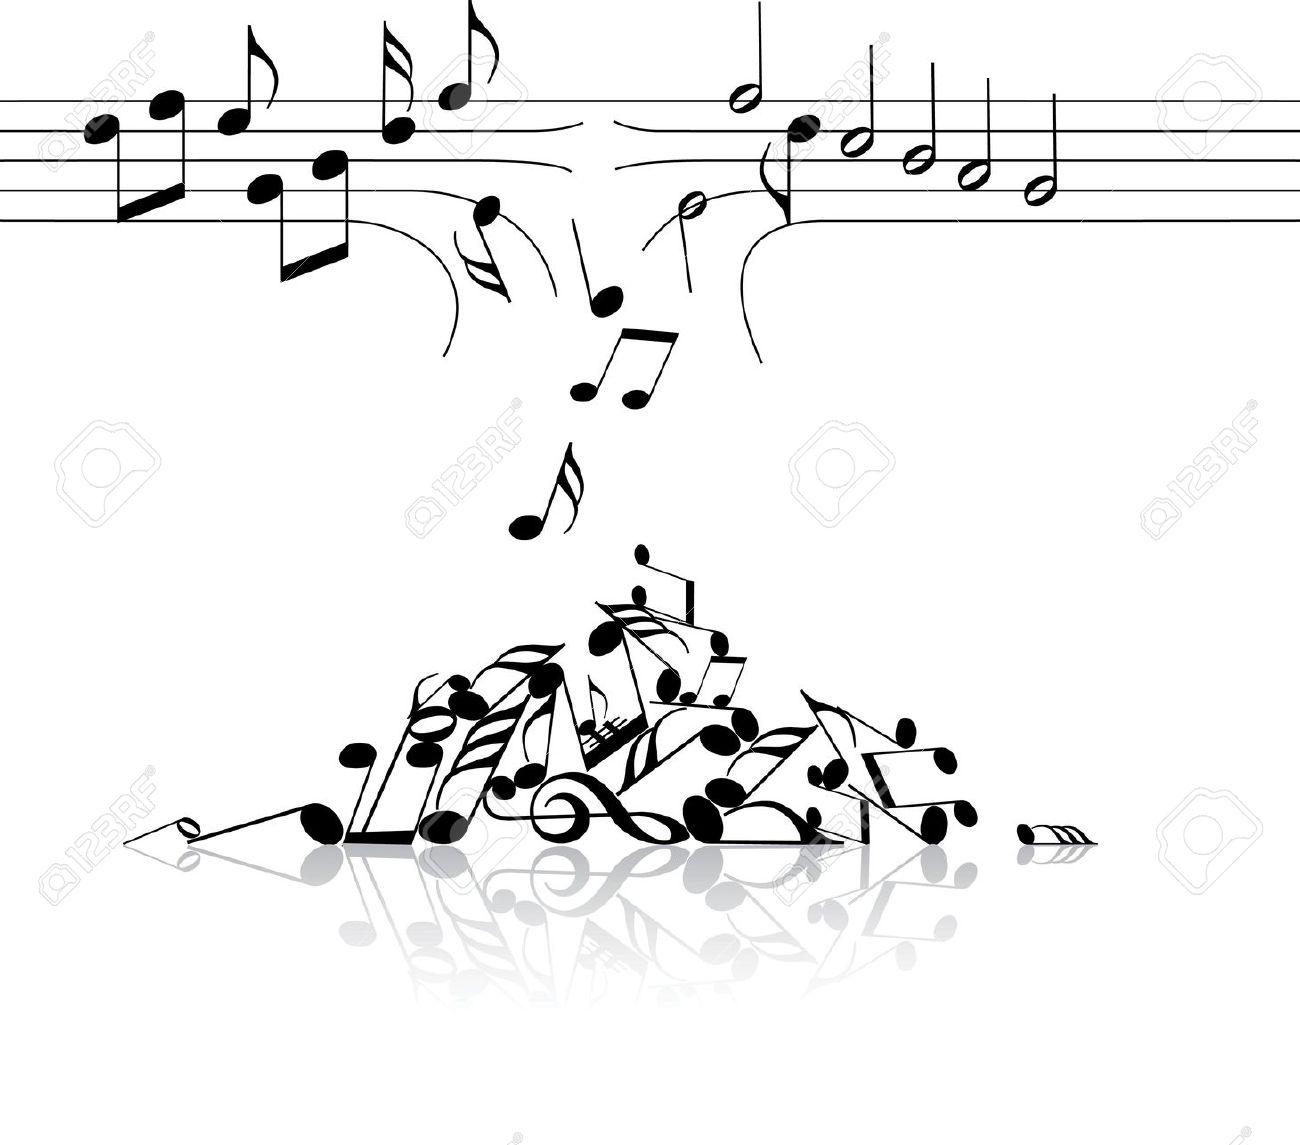 Muzieknoten vallen uit de kapotte balken